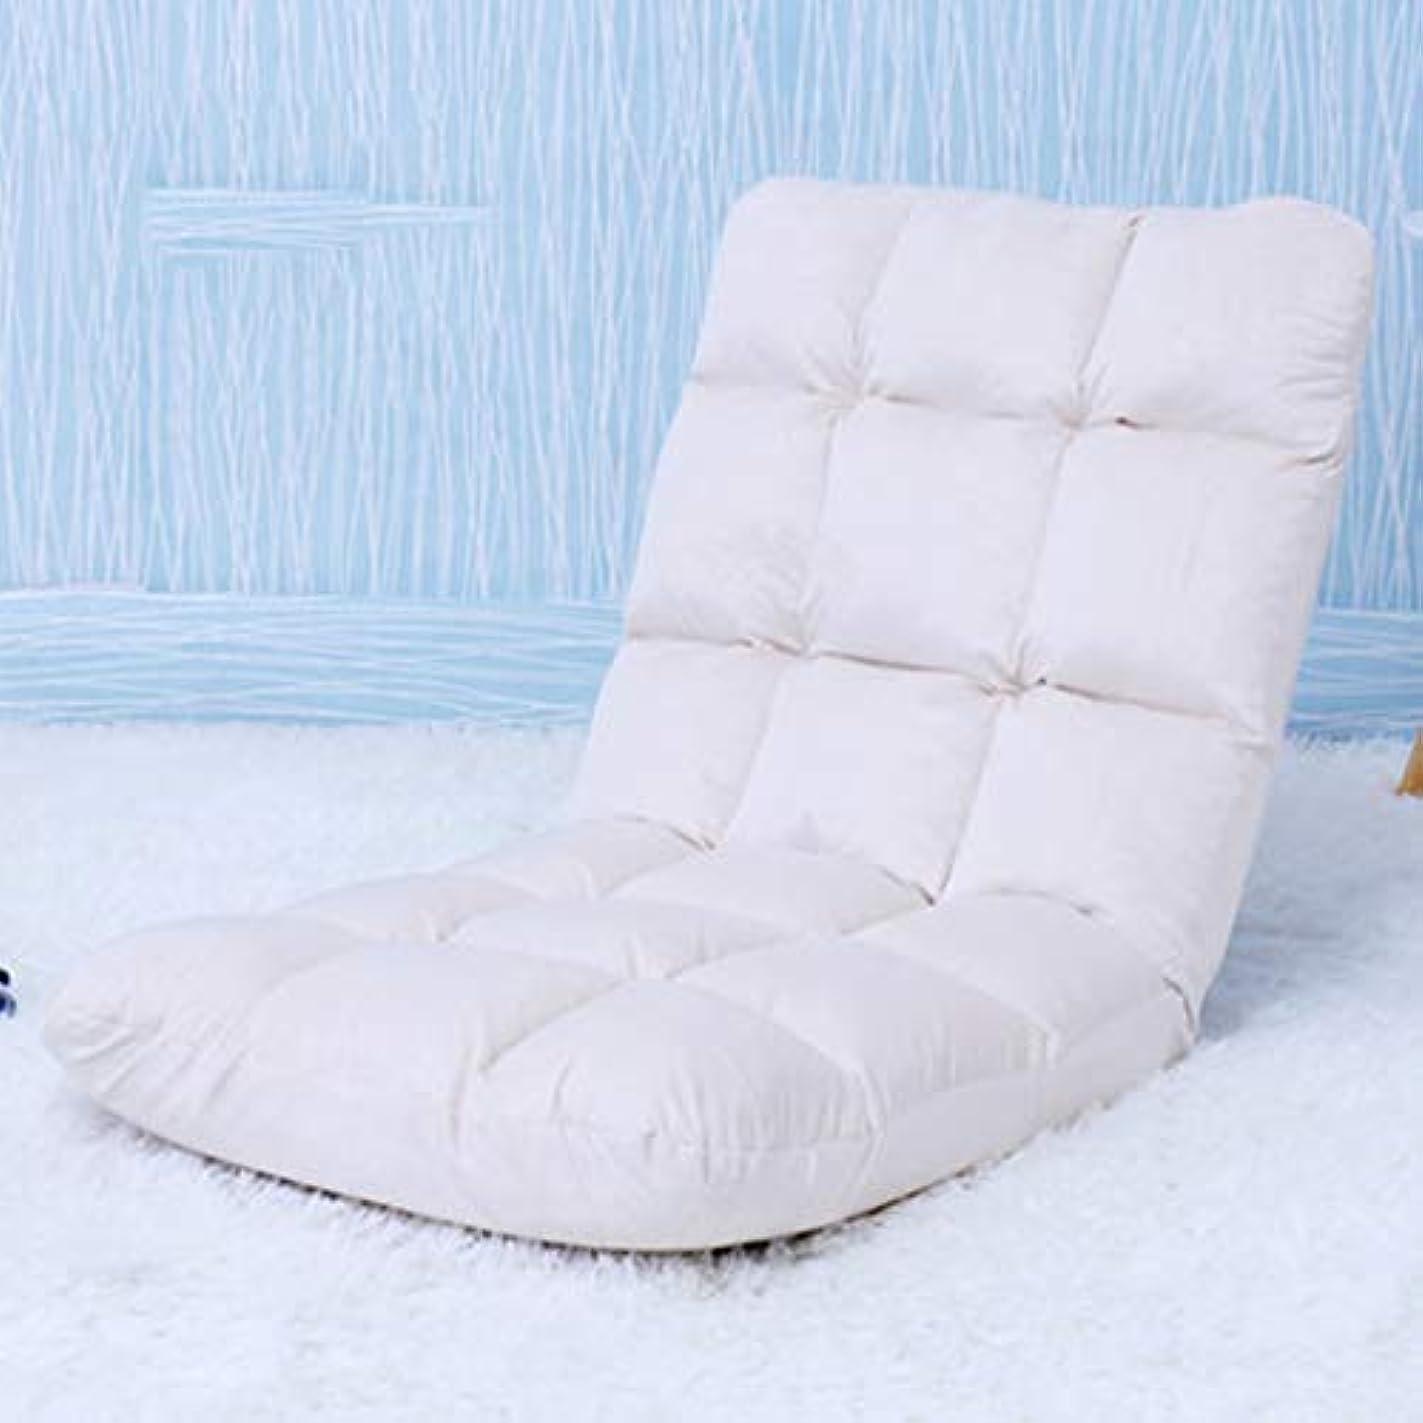 ひねりアスペクトと闘う怠惰なソファ畳折りたたみシングル小型ソファベッドコンピュータバックチェアフロアソファ SAN_Y (Color : E)